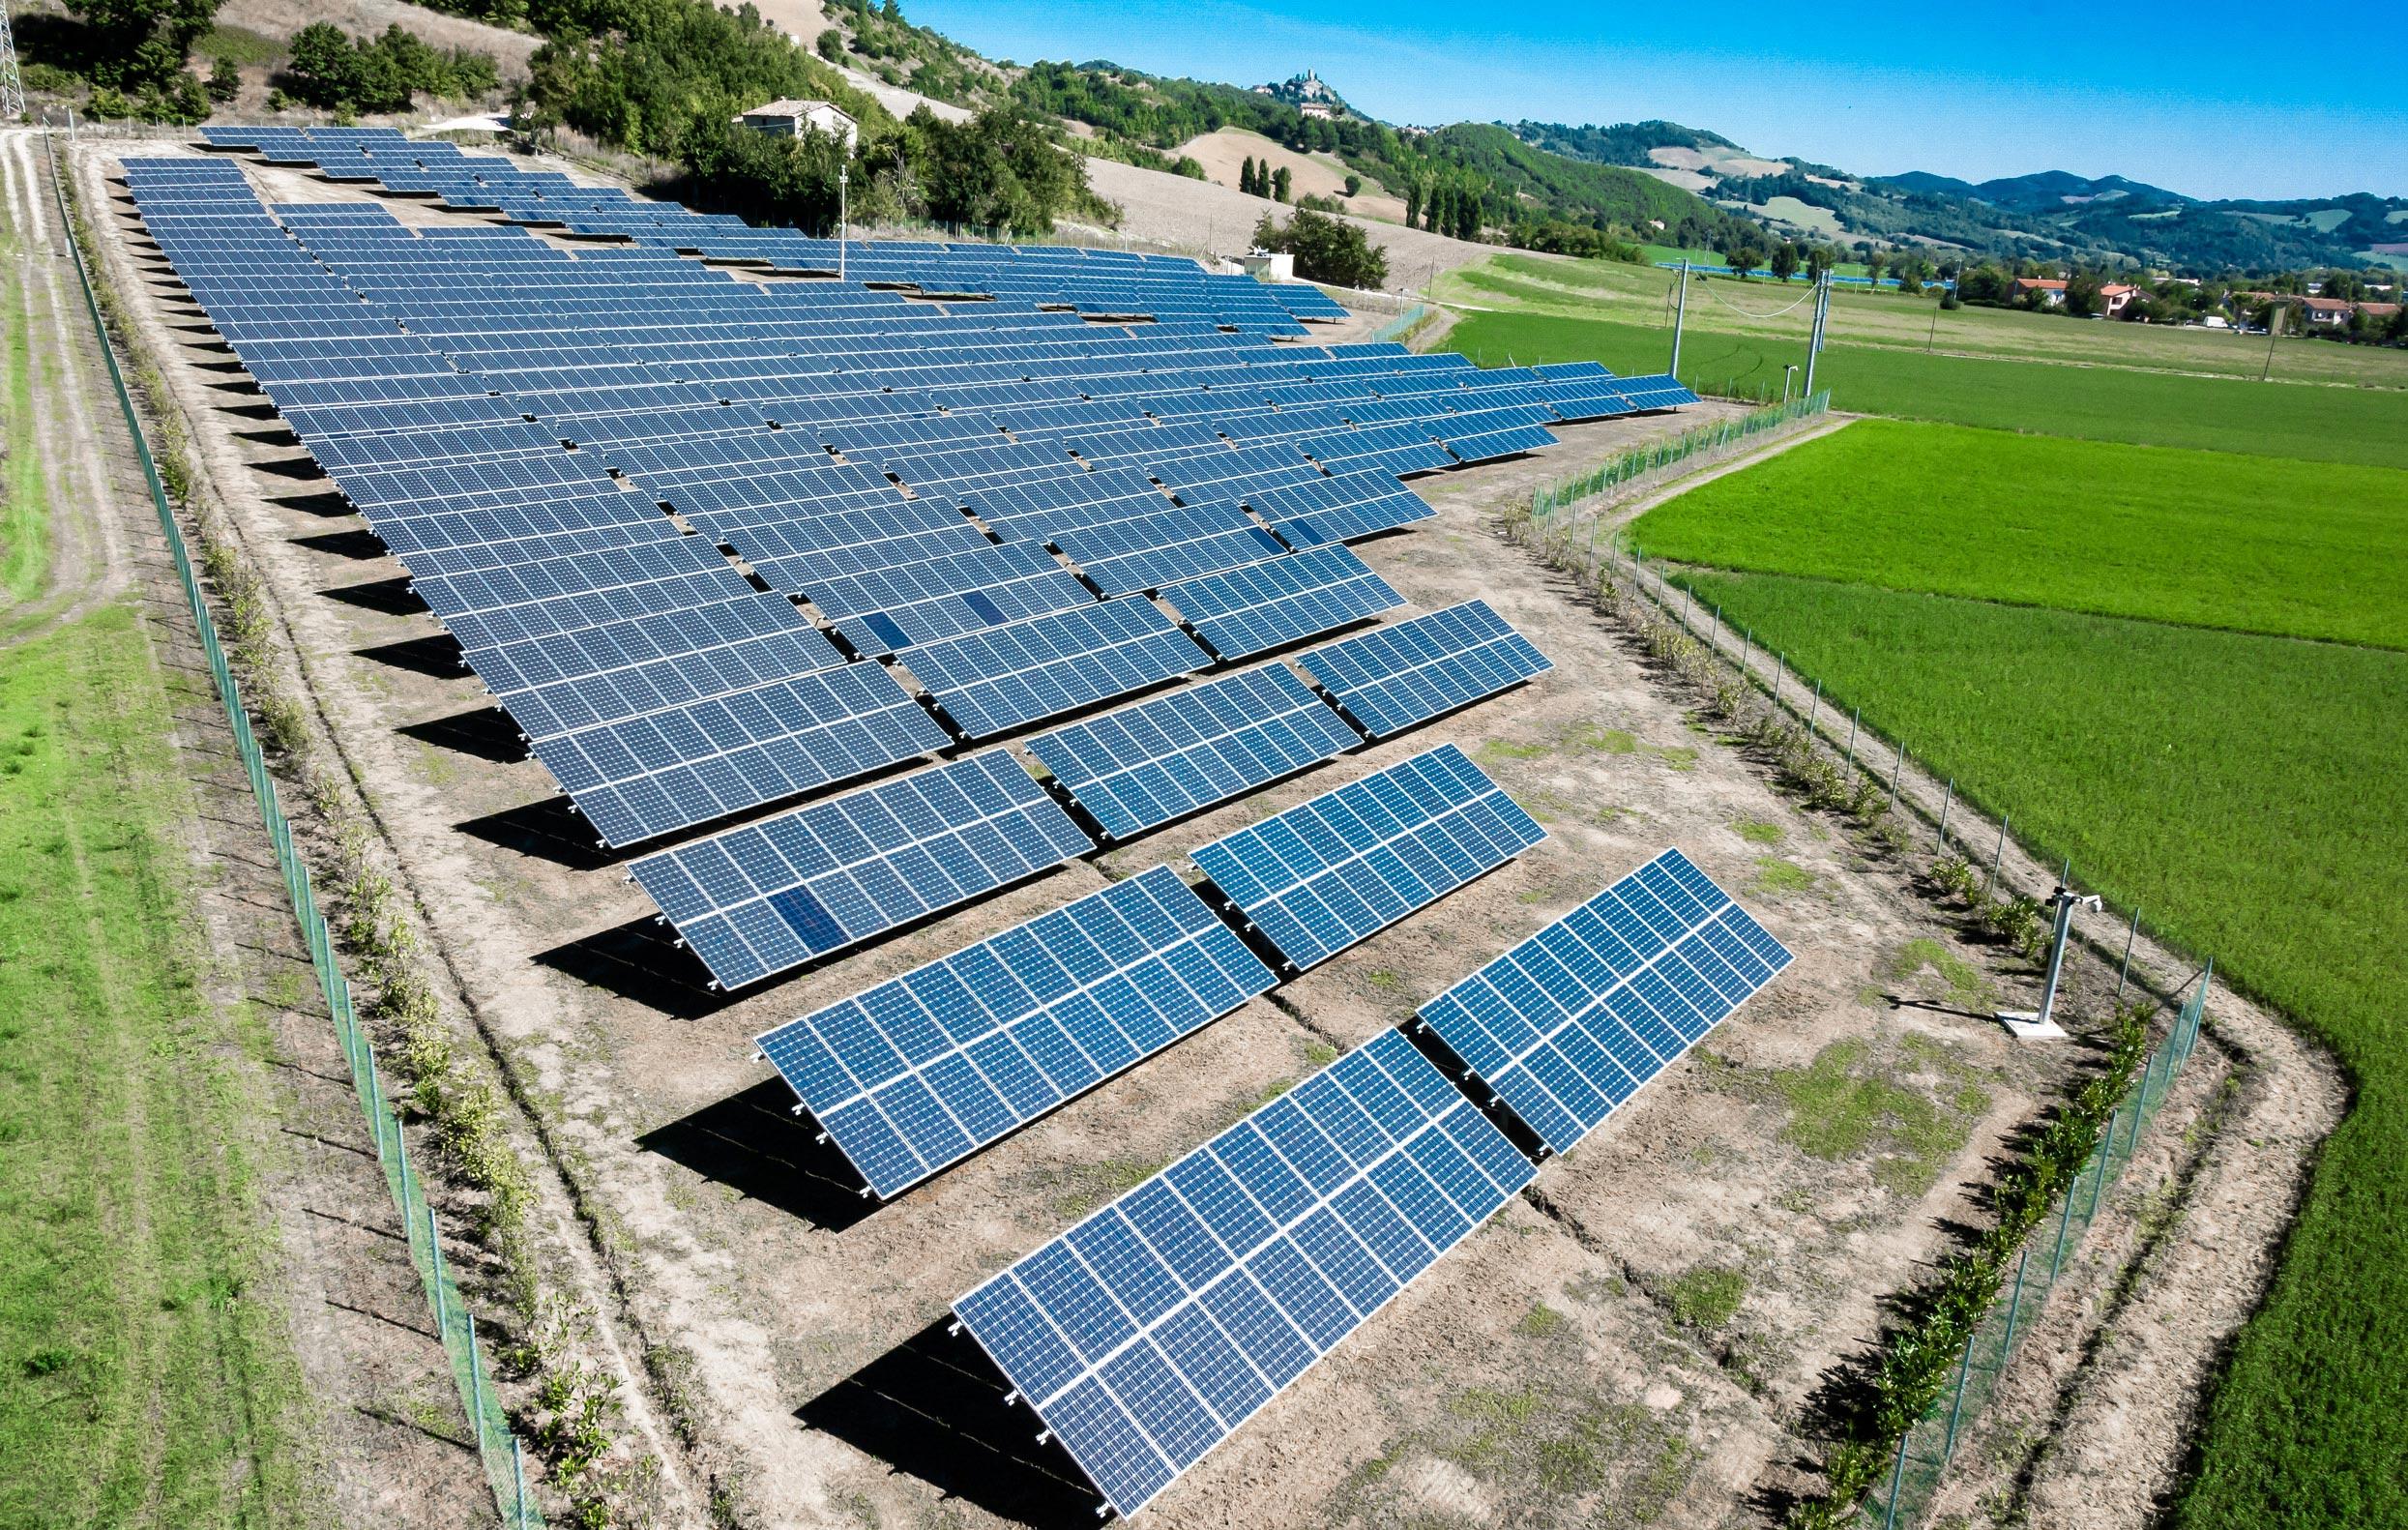 Солнечная электростанция - принцип работы и комплектация, разновидности, преимущества и недостатки